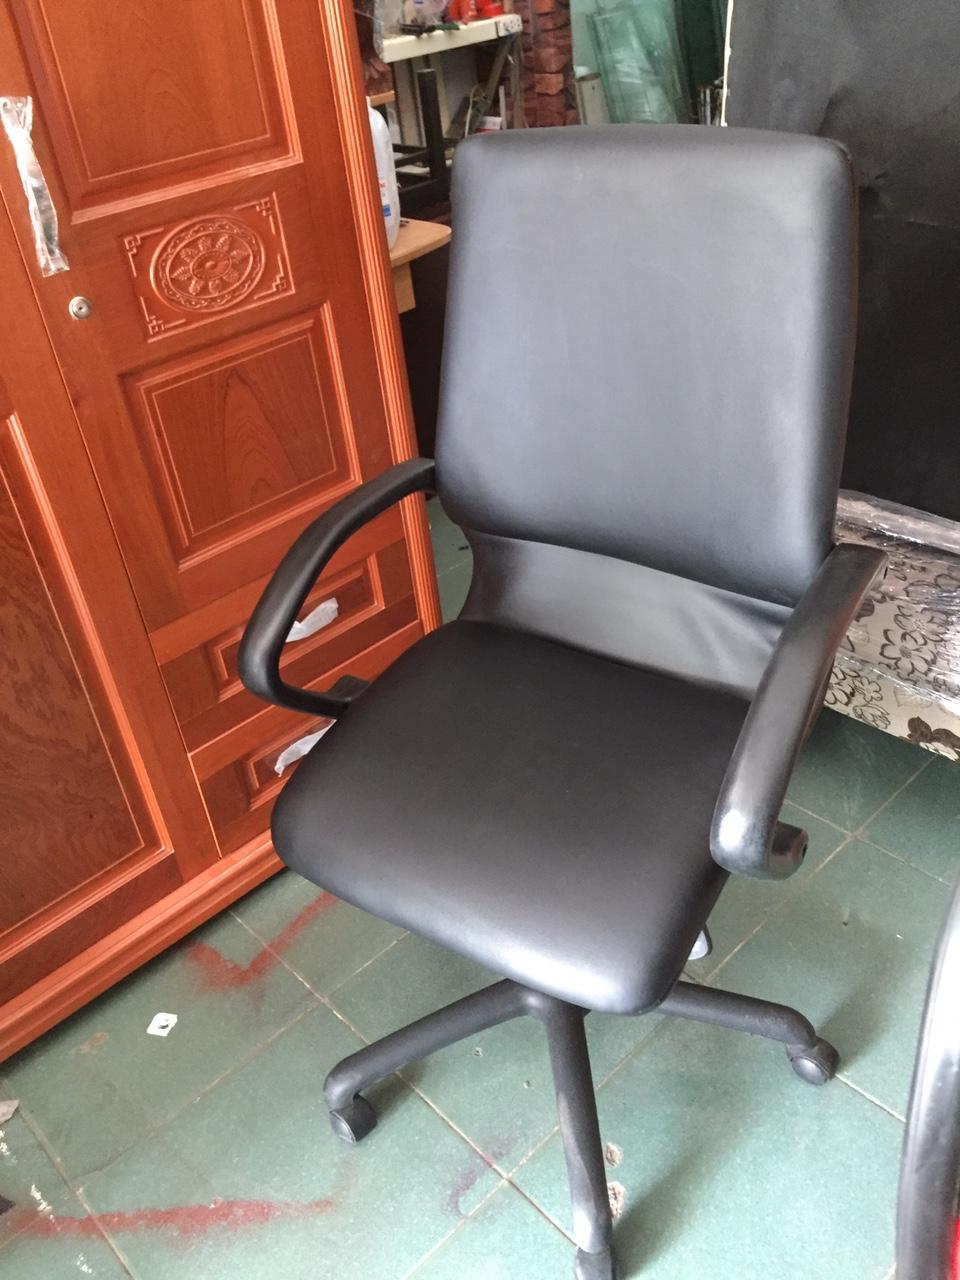 Thanh lý ghế xoay cũ giá rẻ mới 99%